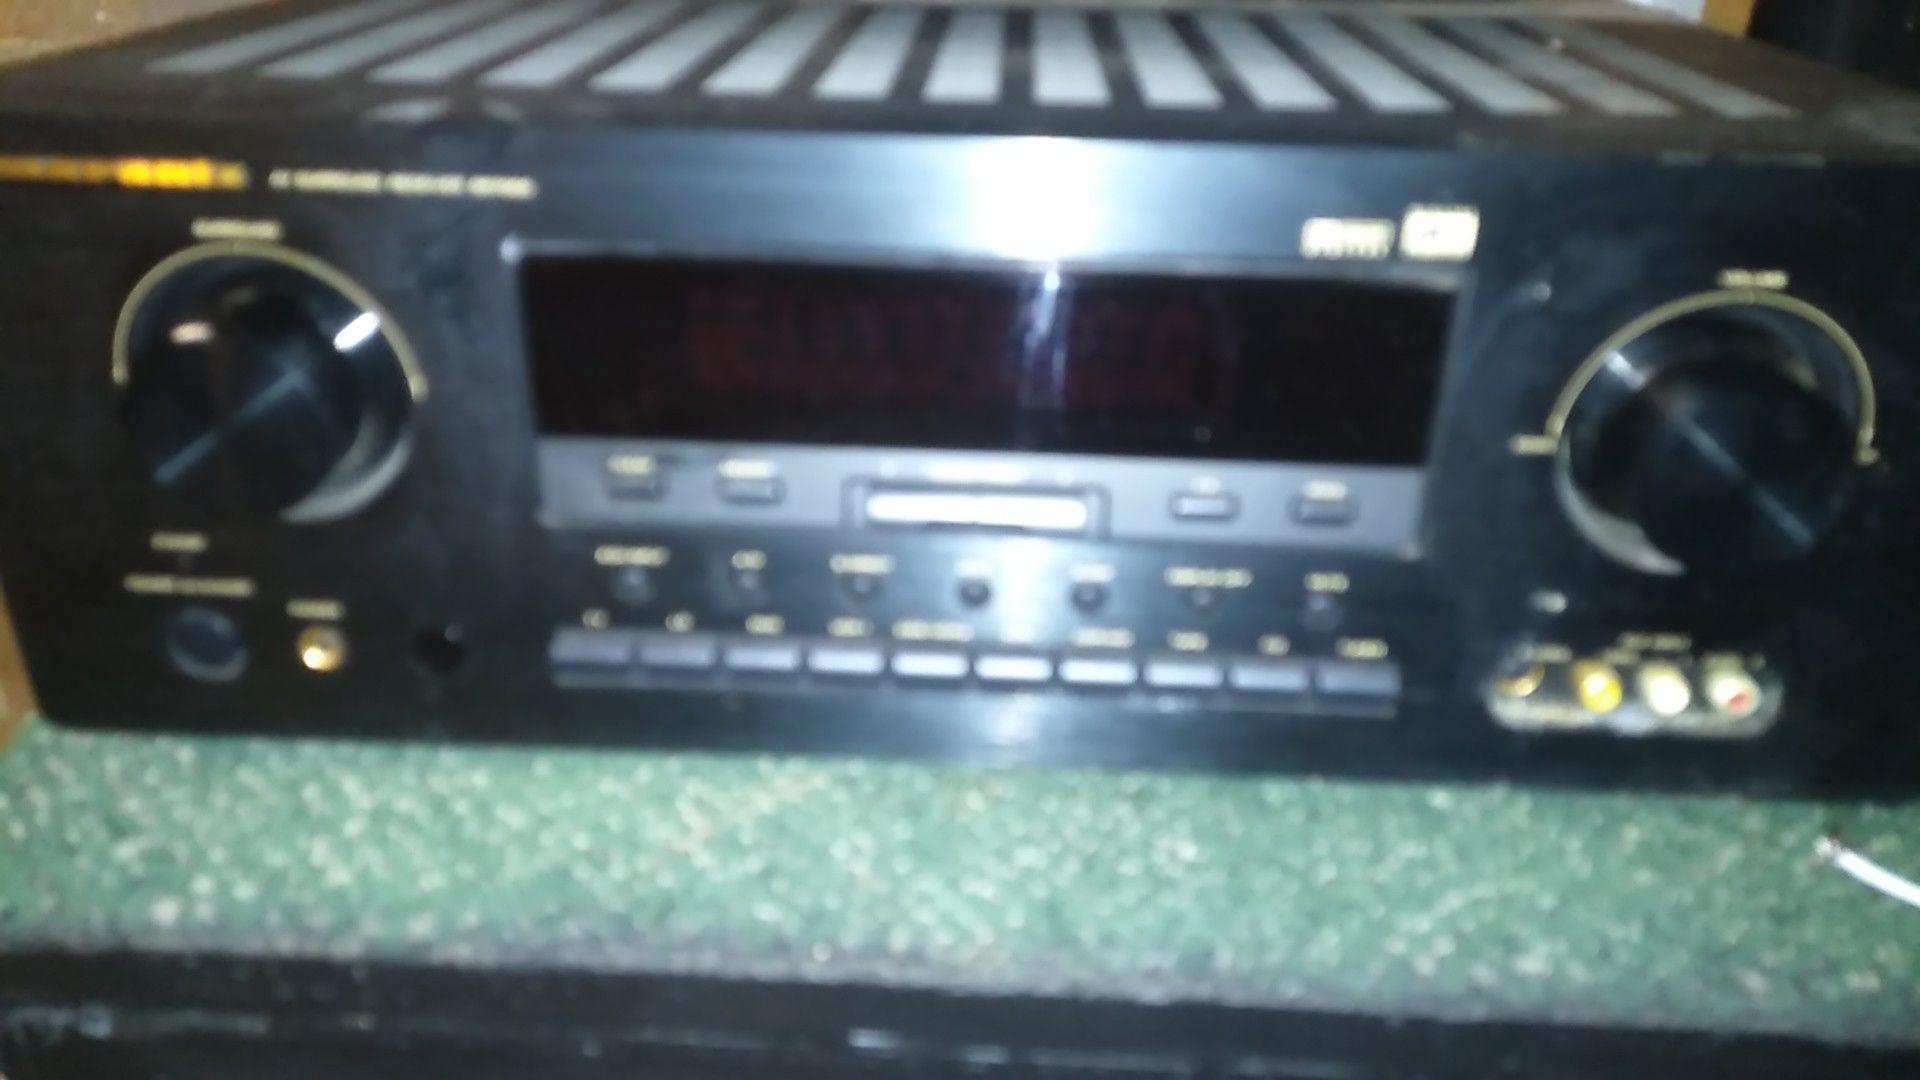 Marantz SR7000 receiver